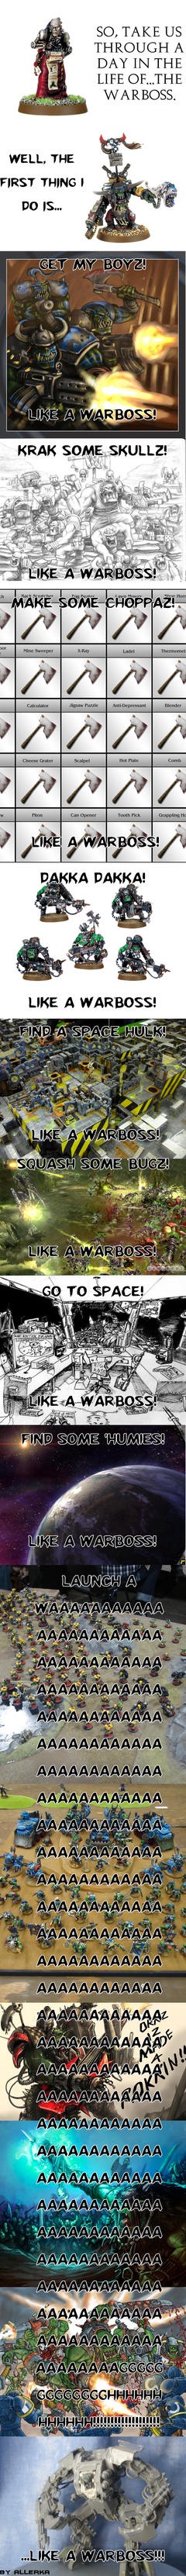 Like a Warboss by Allerka